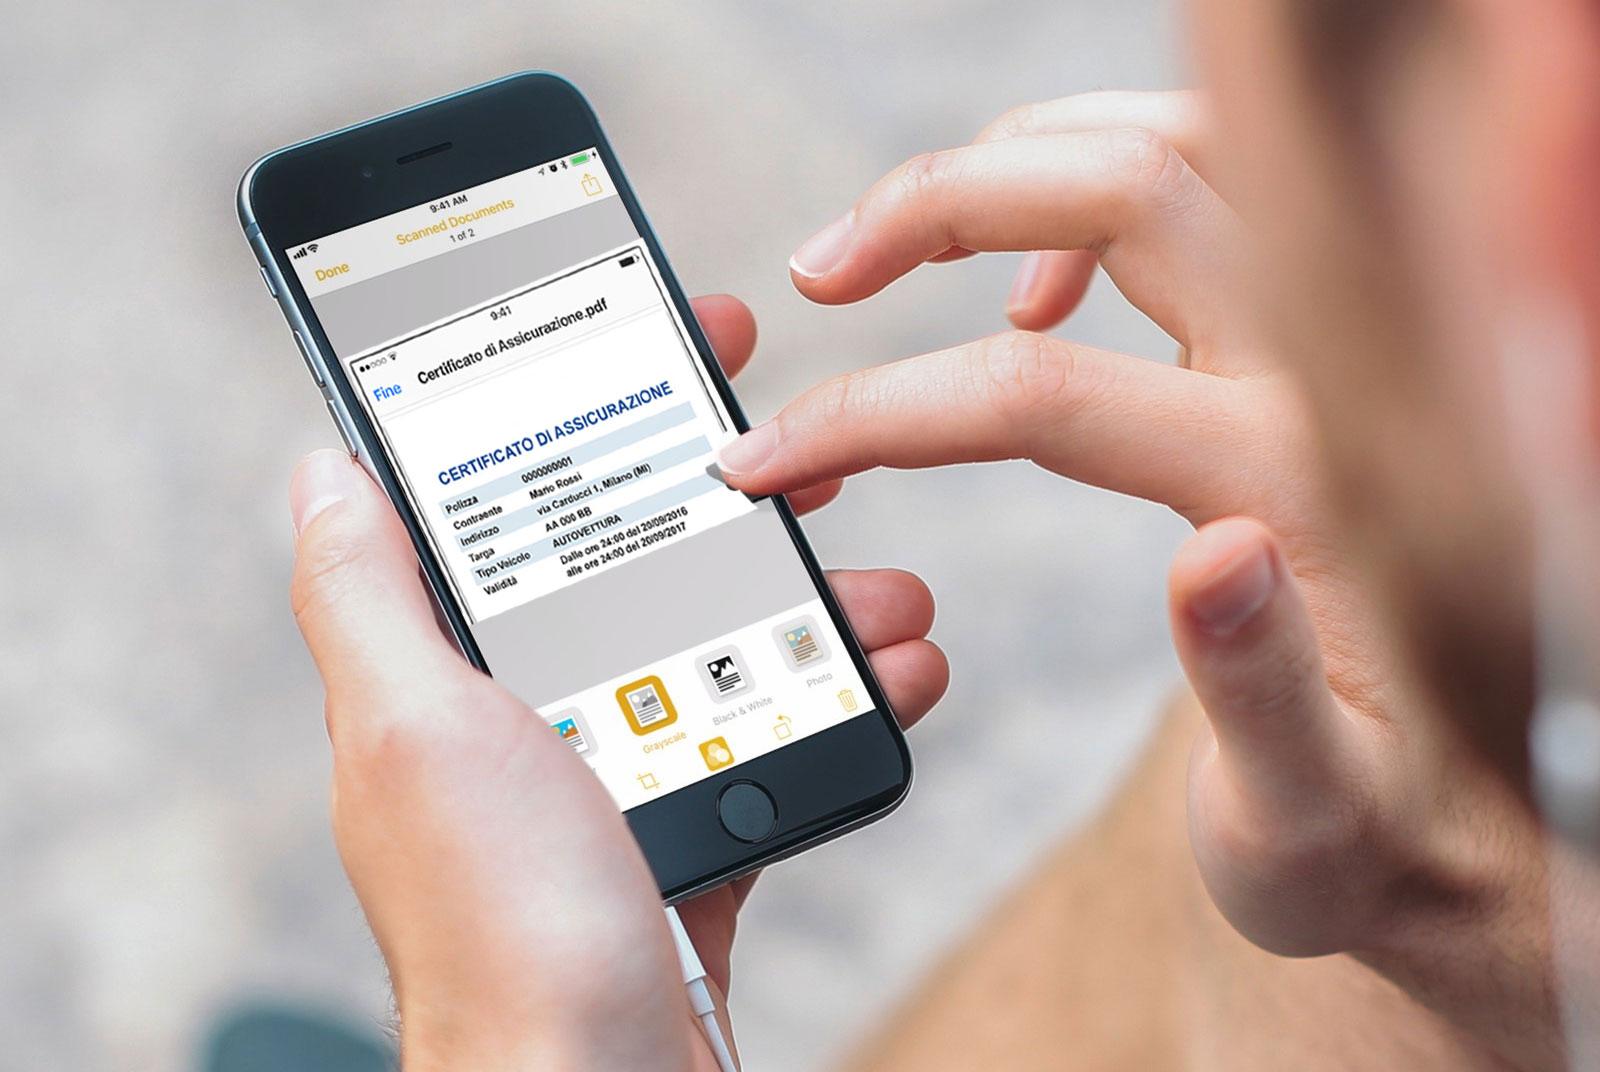 Assicurazione auto neopatentati contratto assicurazione digitale smartphone